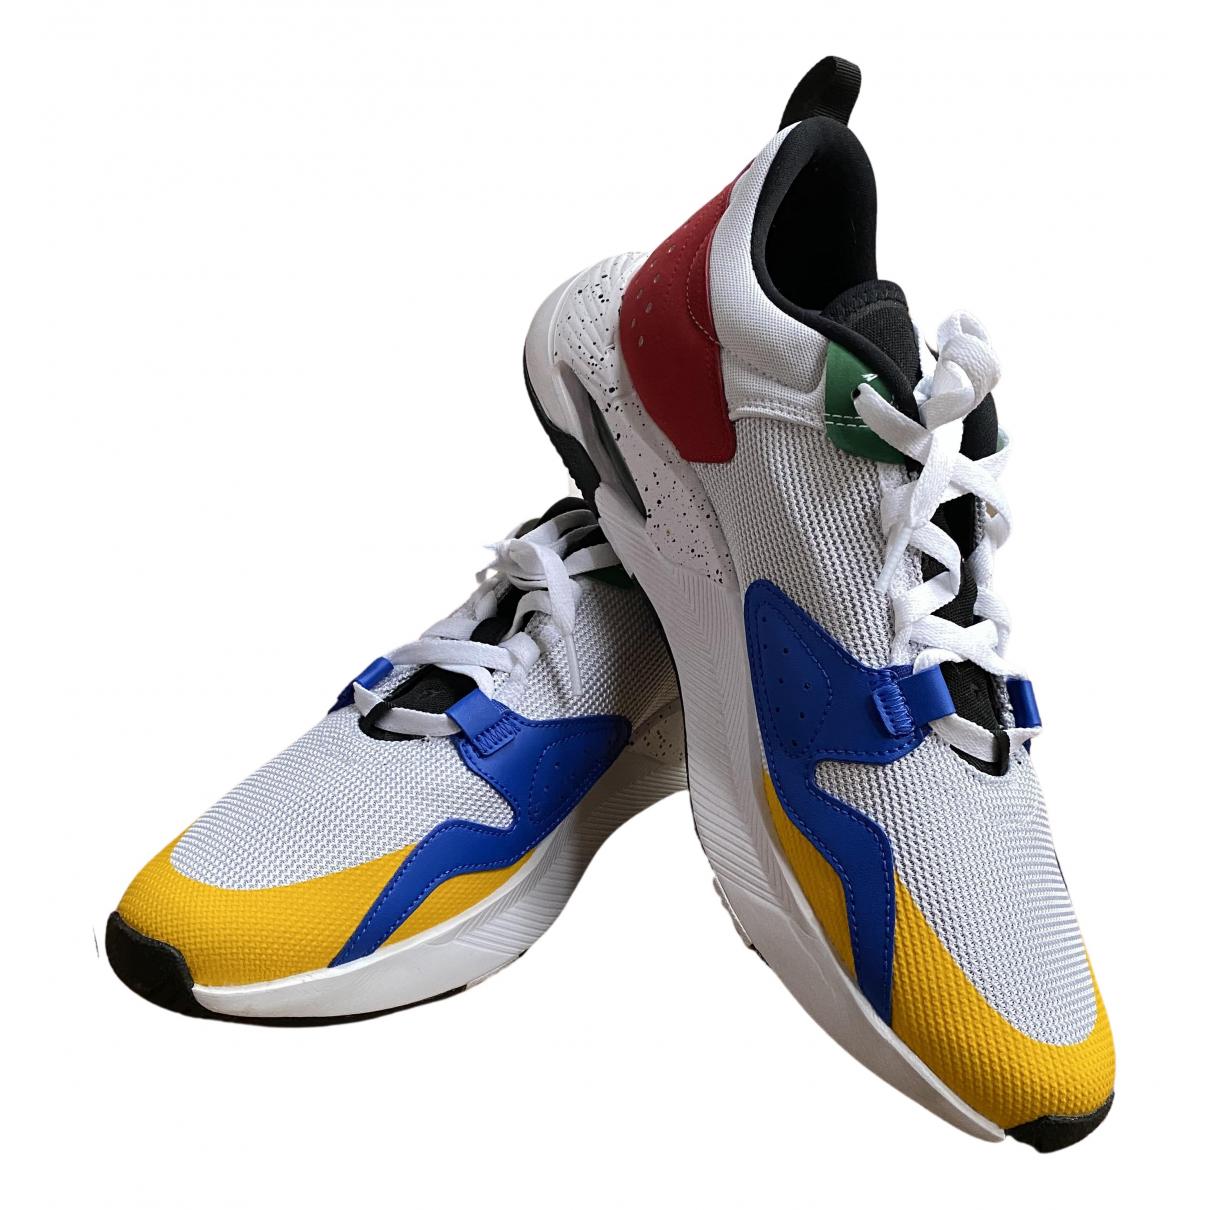 Jordan - Baskets   pour homme en caoutchouc - multicolore